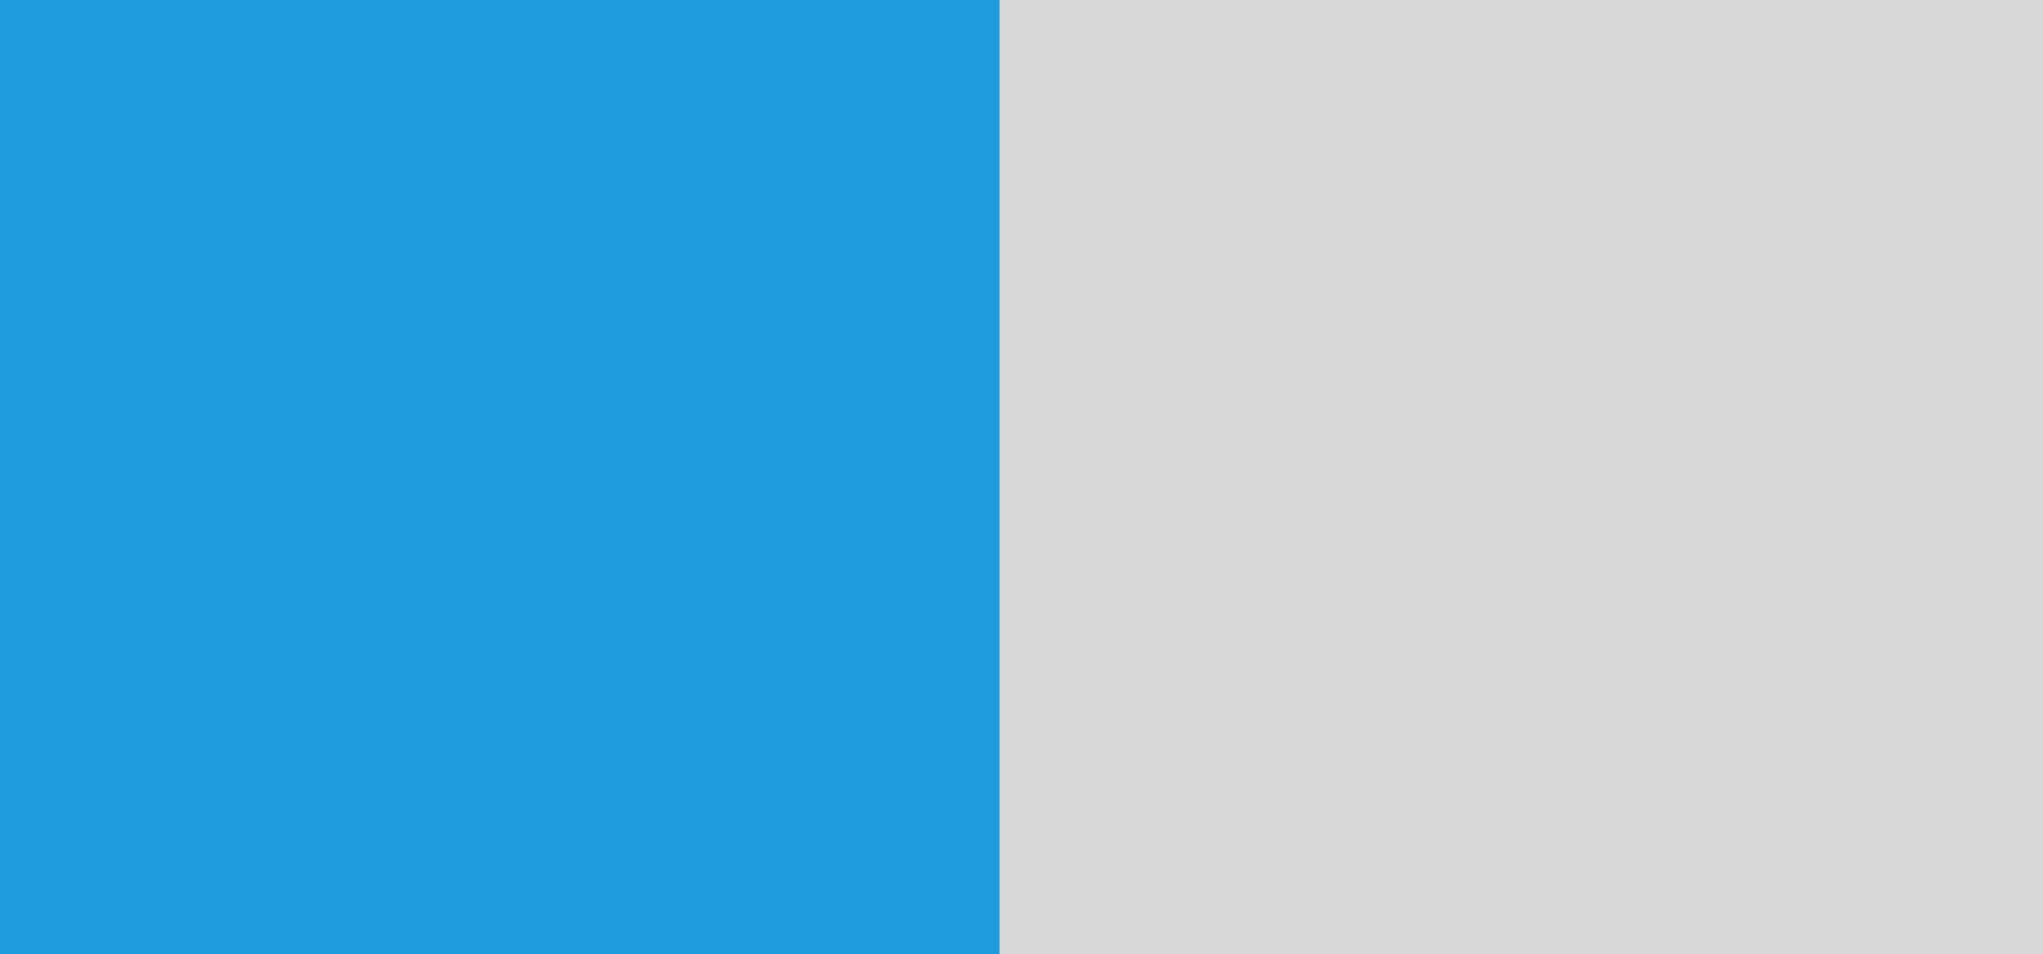 Bleu / gris